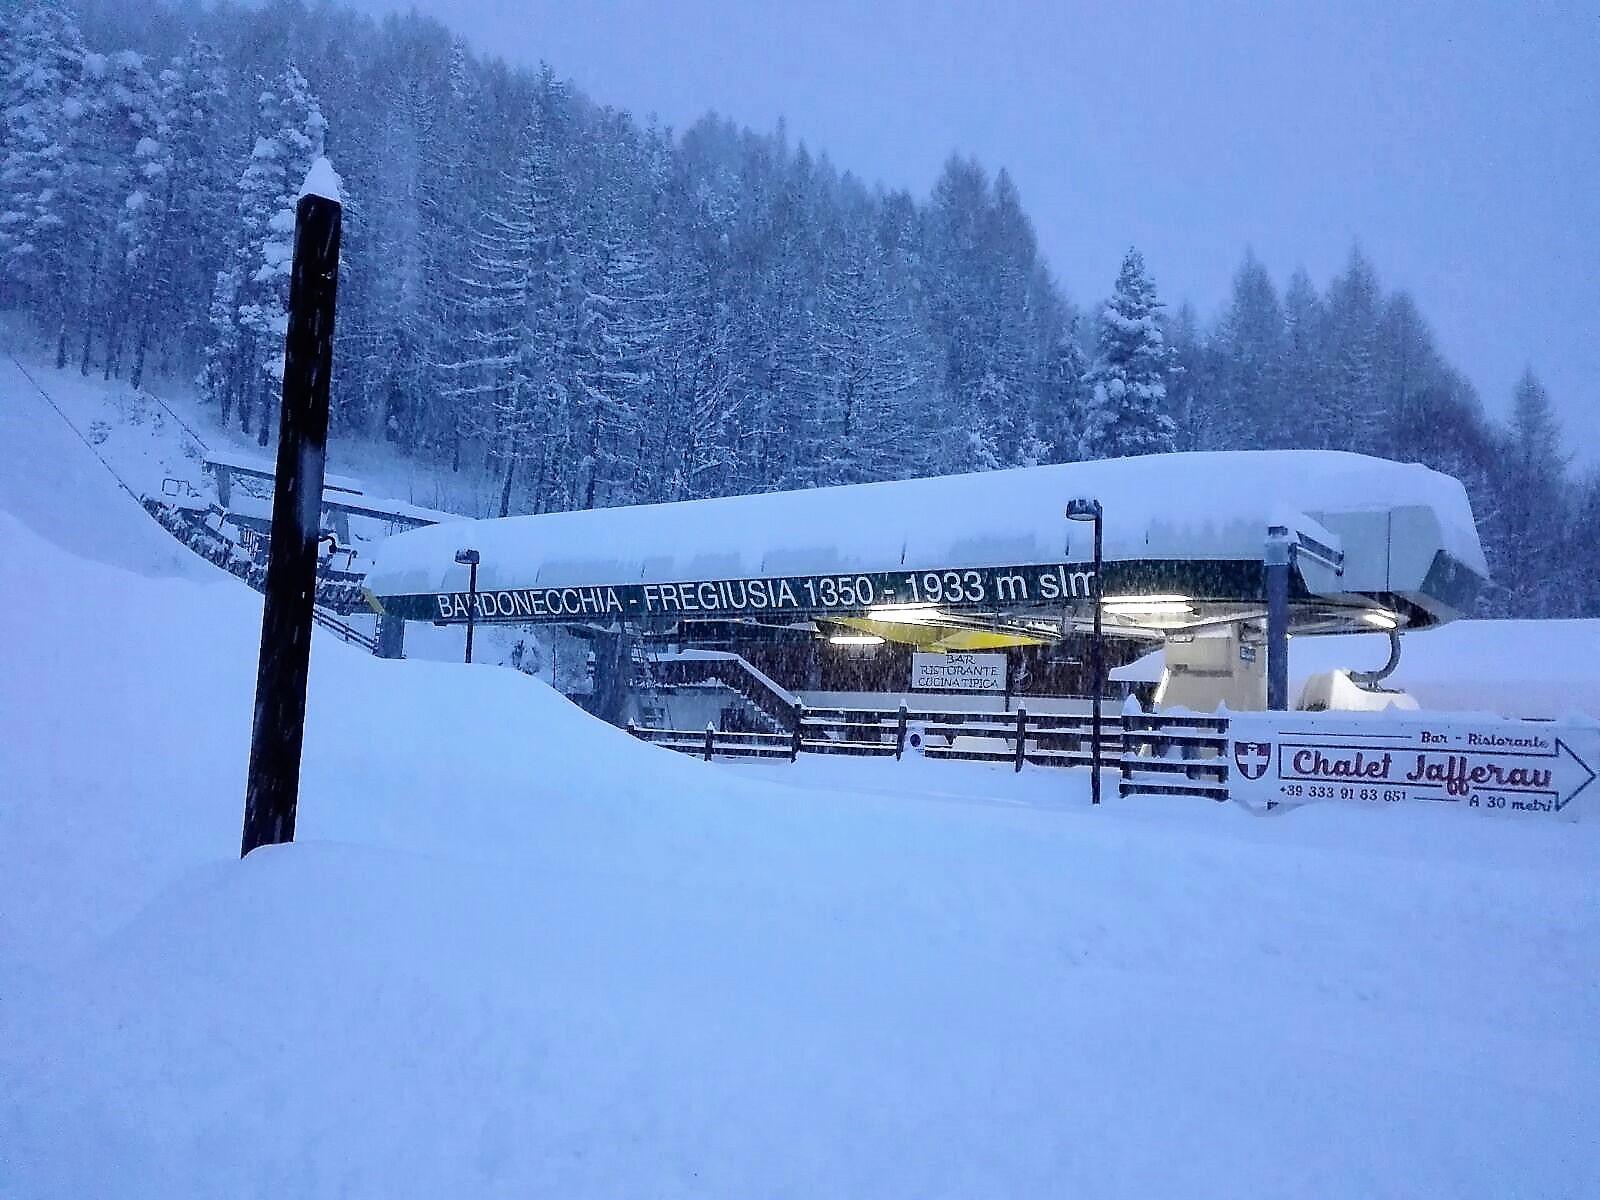 Grande nevicata a Bardonecchia - 11 dicembre 2017